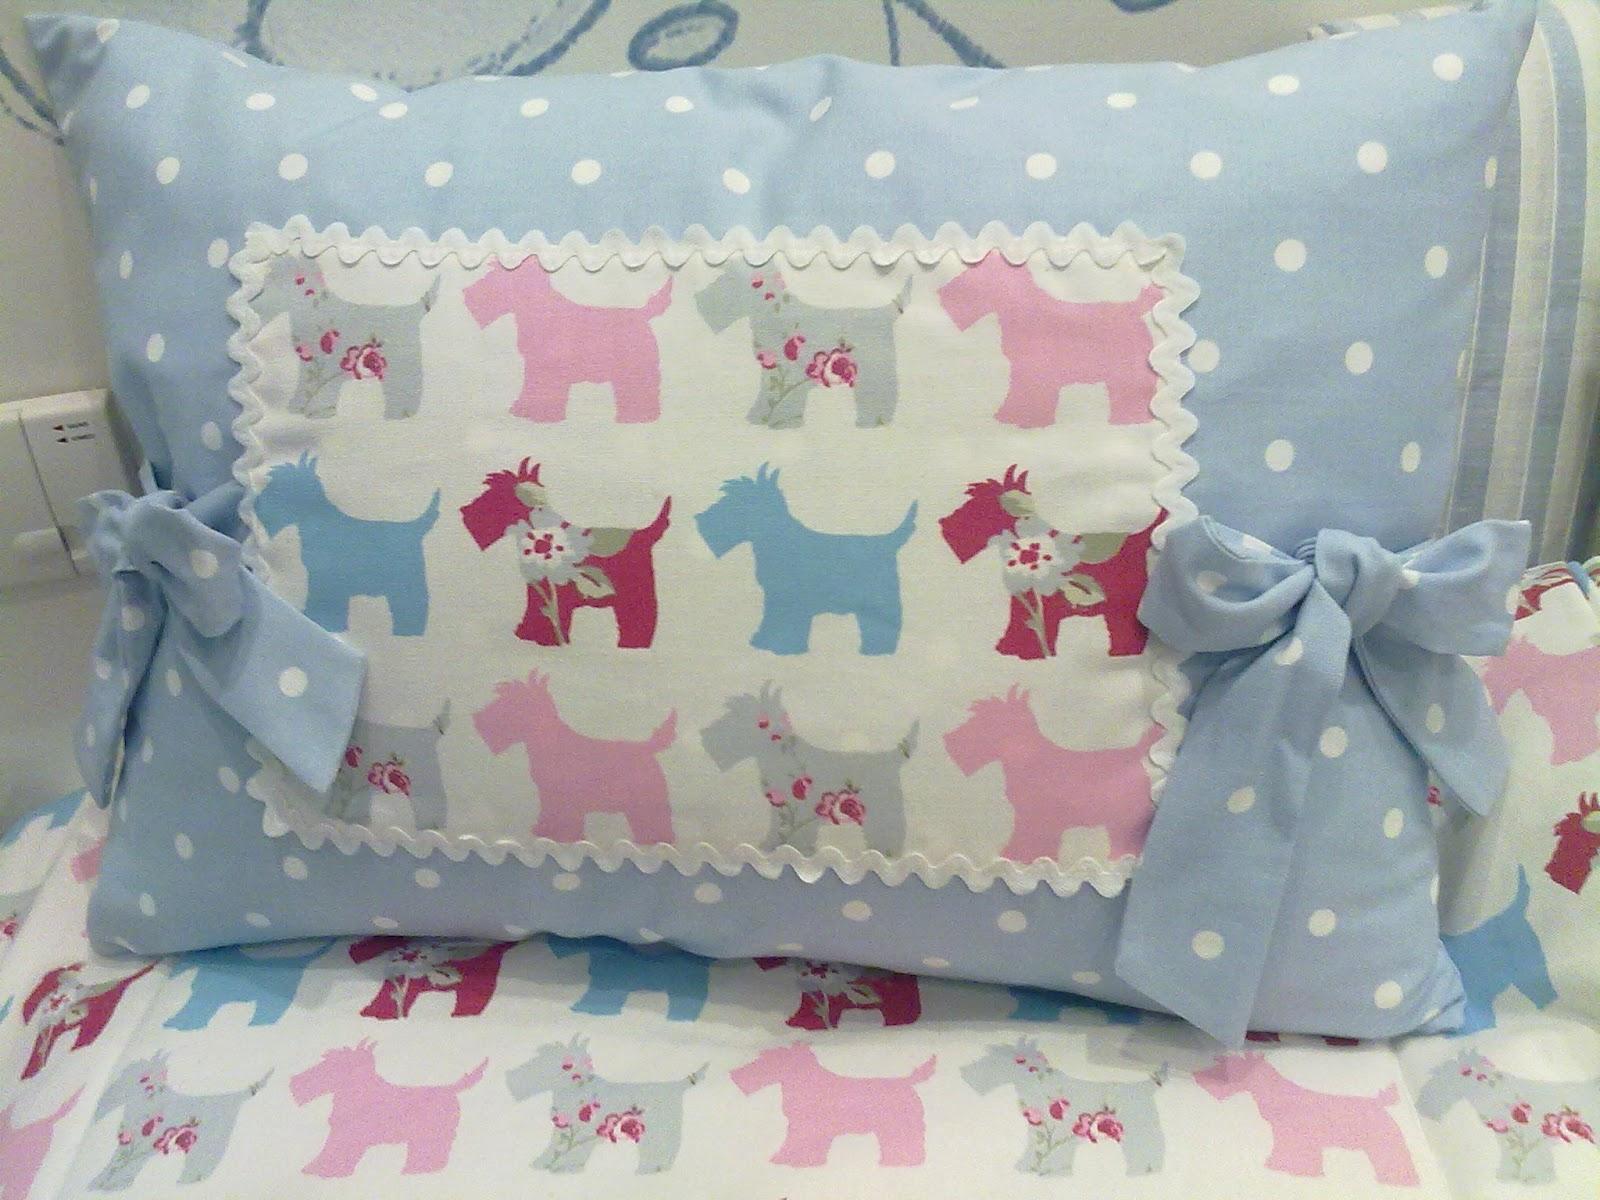 Habitaciones infantiles bebe decoraci n textil - Telas infantiles online ...